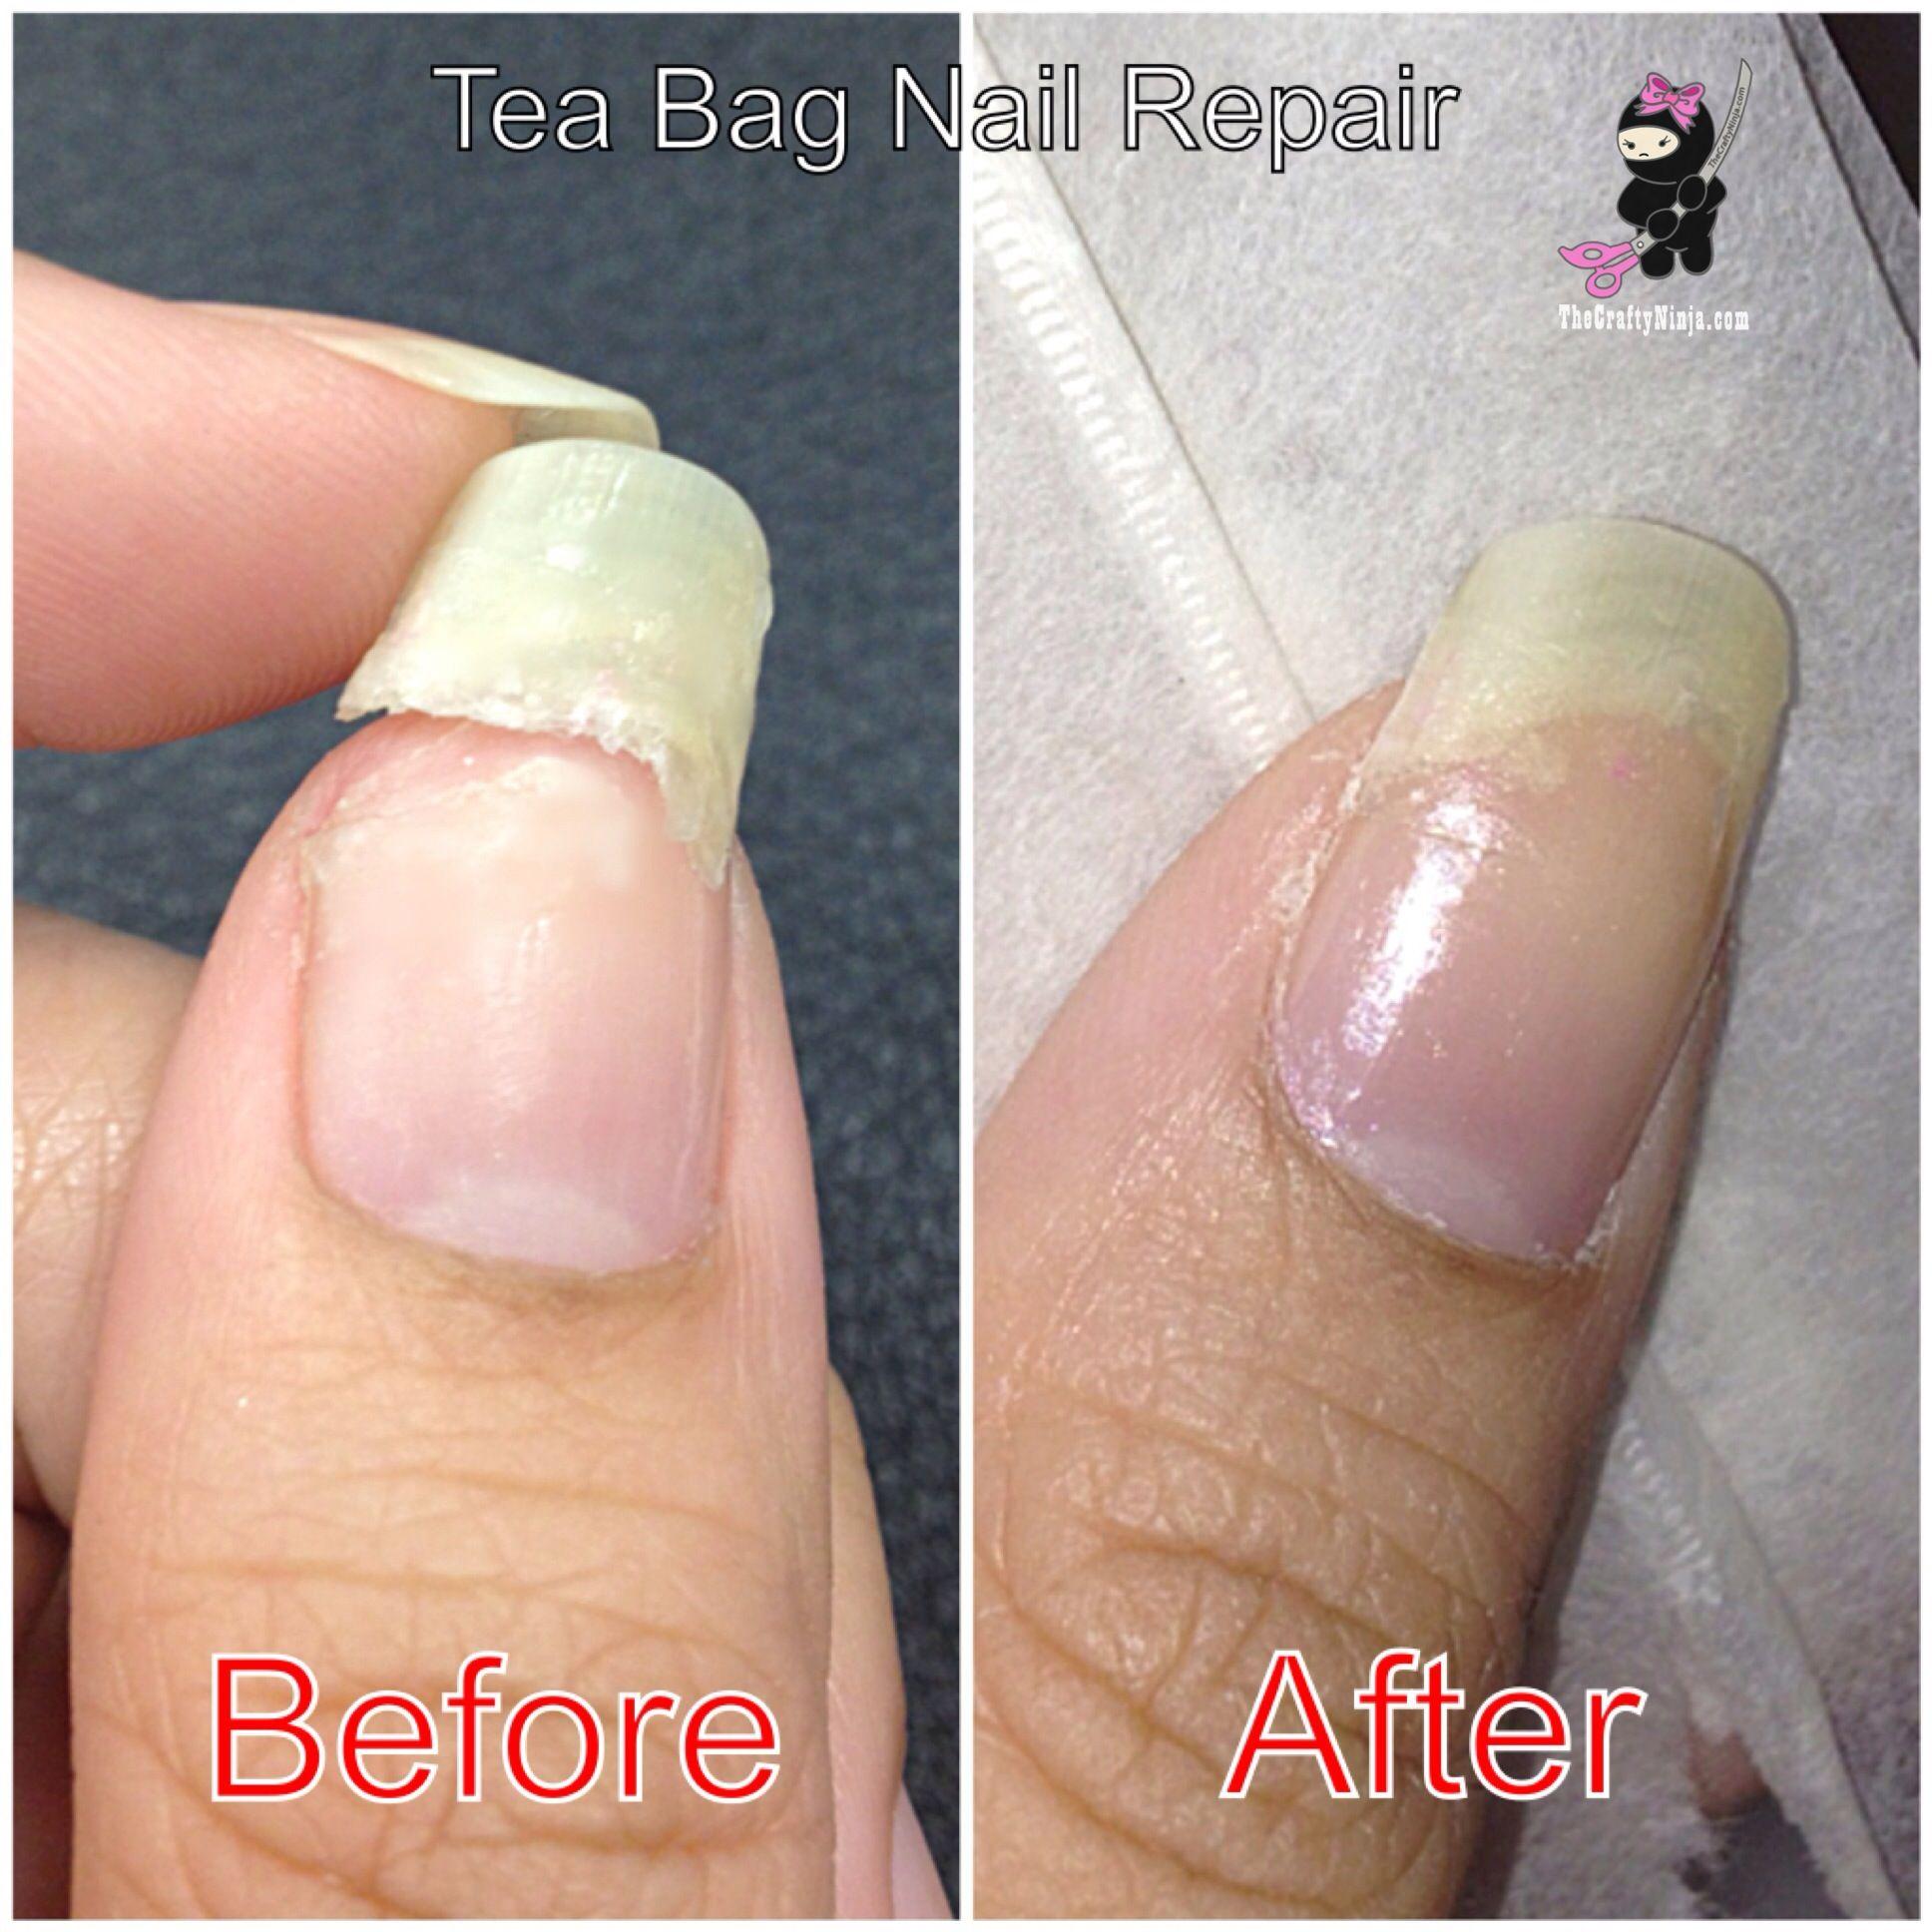 How to fix a broken nail at home   Makeup, Hair and beauty and Nail nail